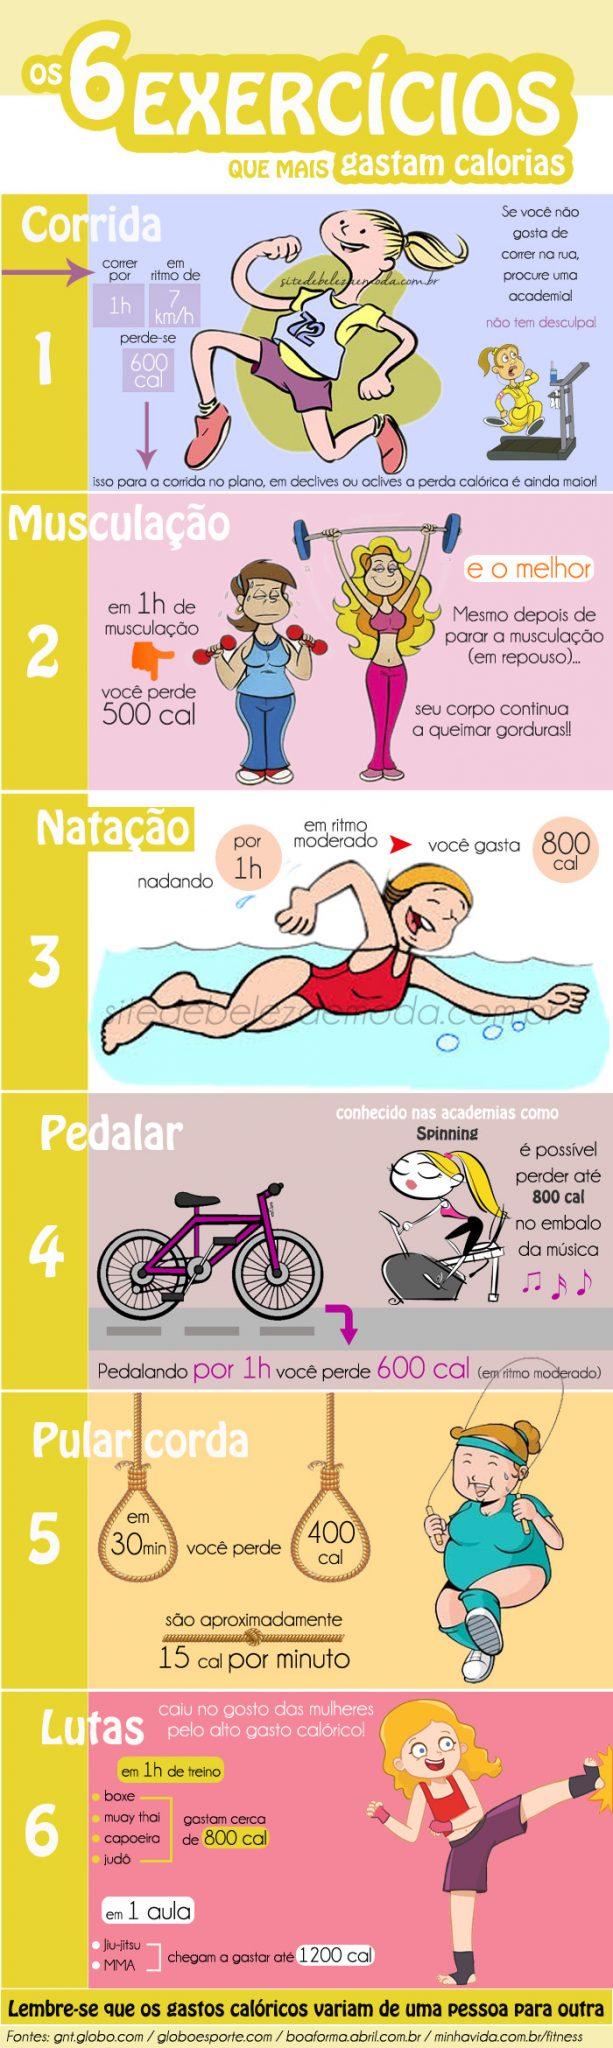 Exercícios físicos que mais gastam calorias infografico